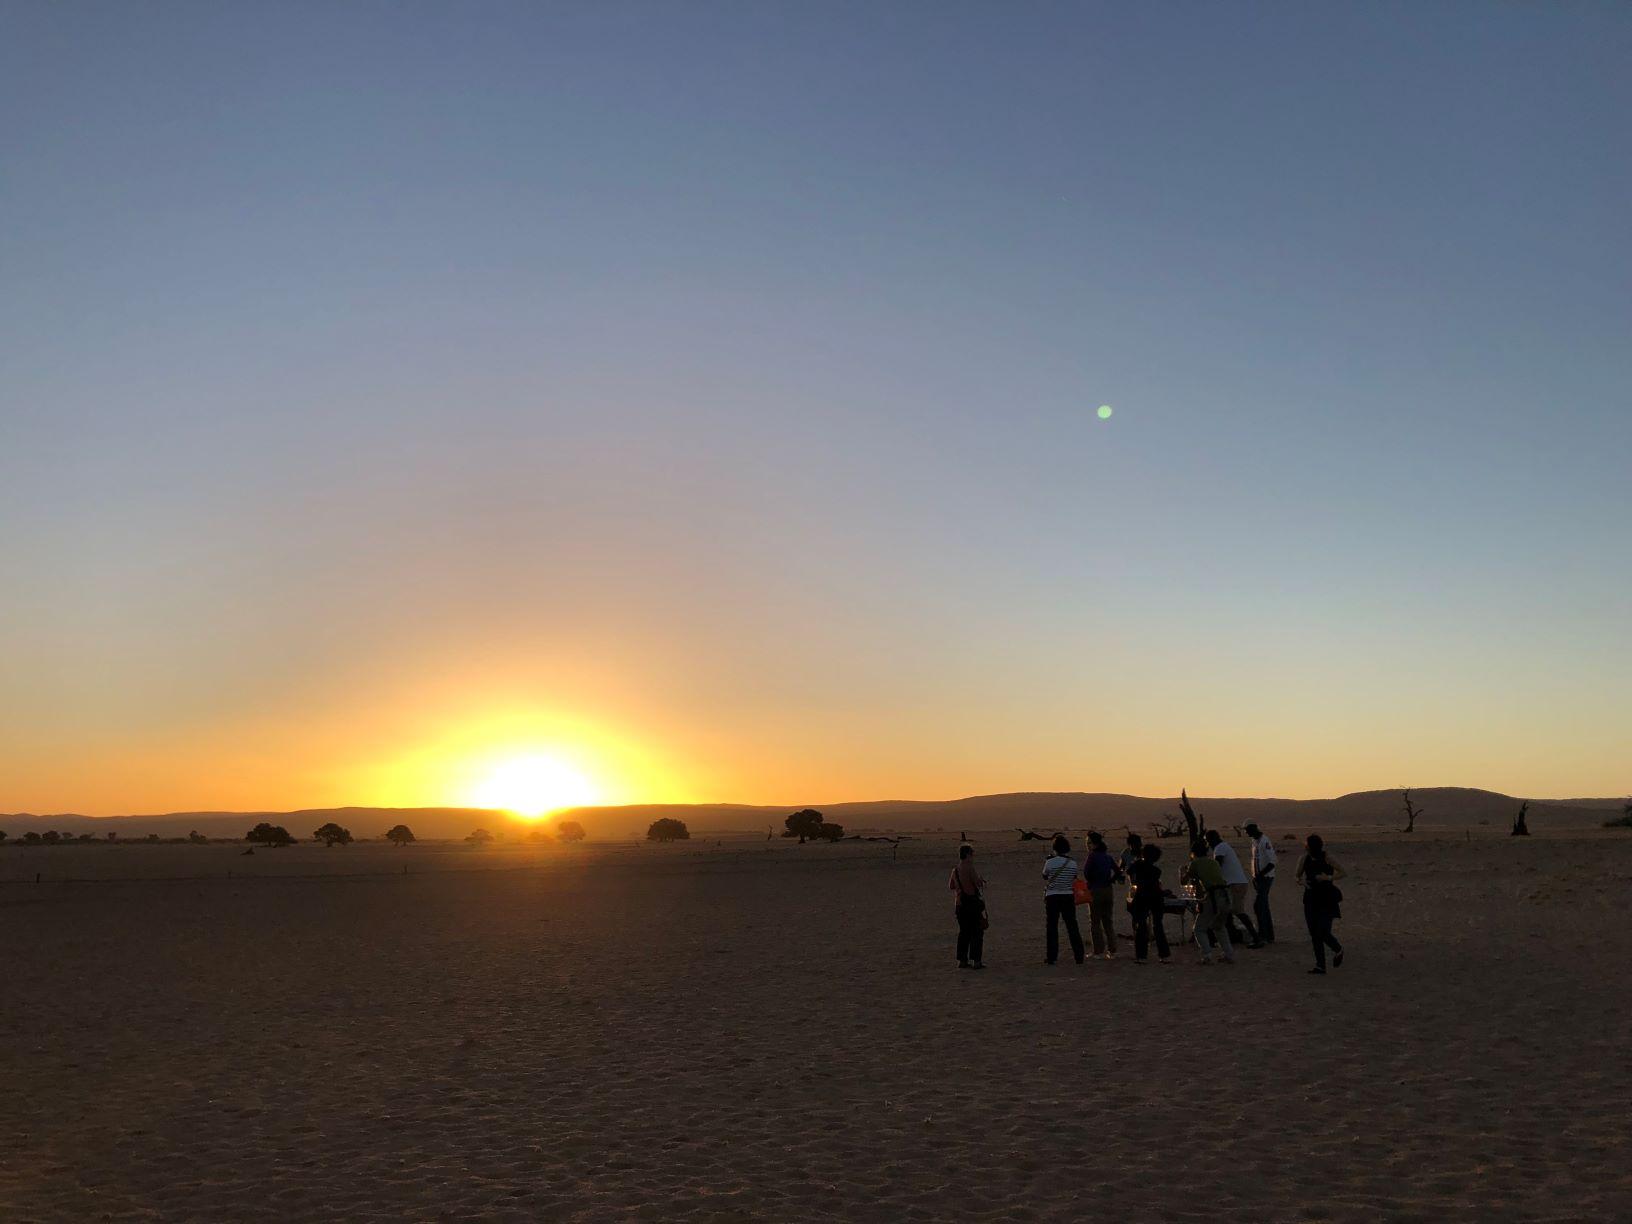 セスリエム・キャンプ近くから夕陽を楽しむ